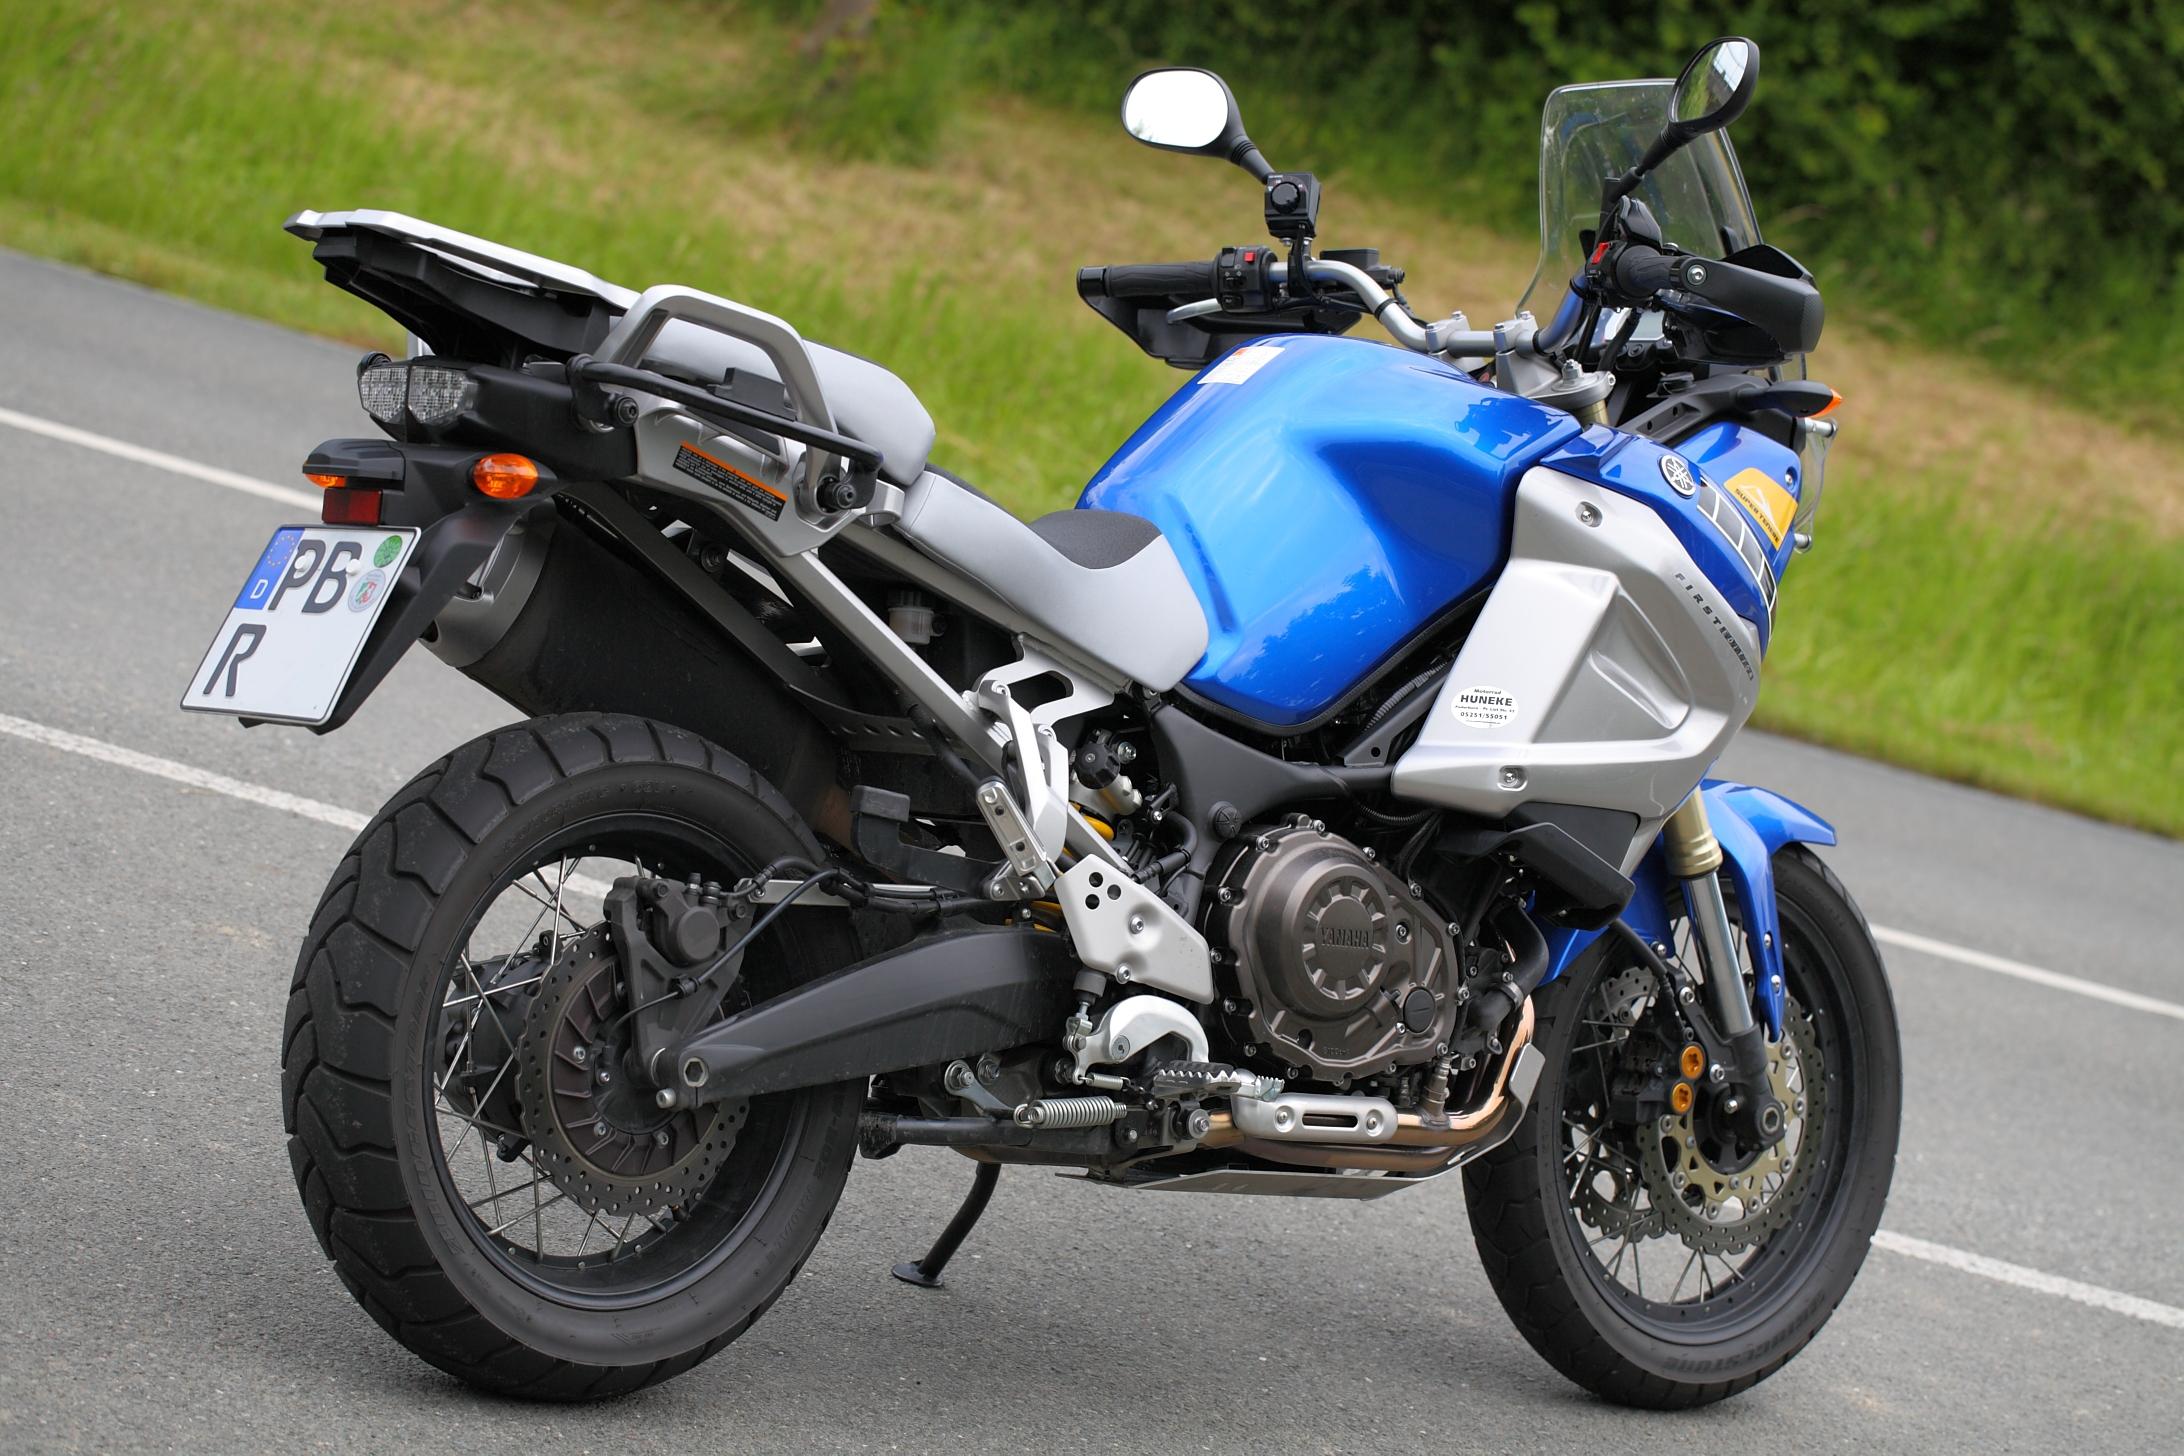 Yamaha Xtz Super Tenere Top Speed